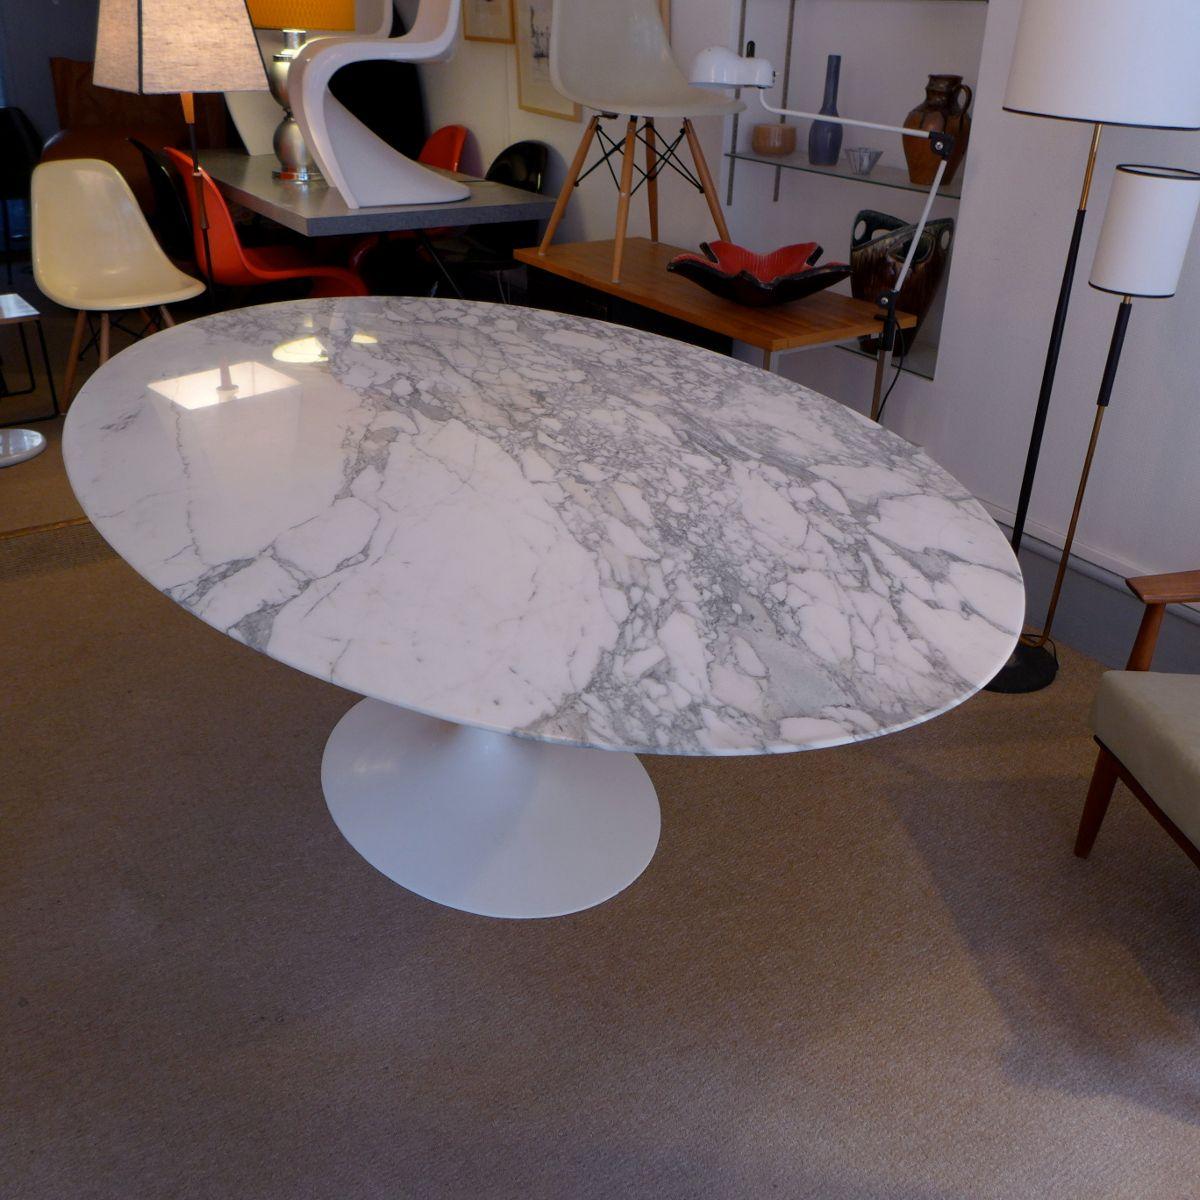 Ovaler esstisch mit marmorplatte von eero saarinen f r for Esstisch 1 40 m